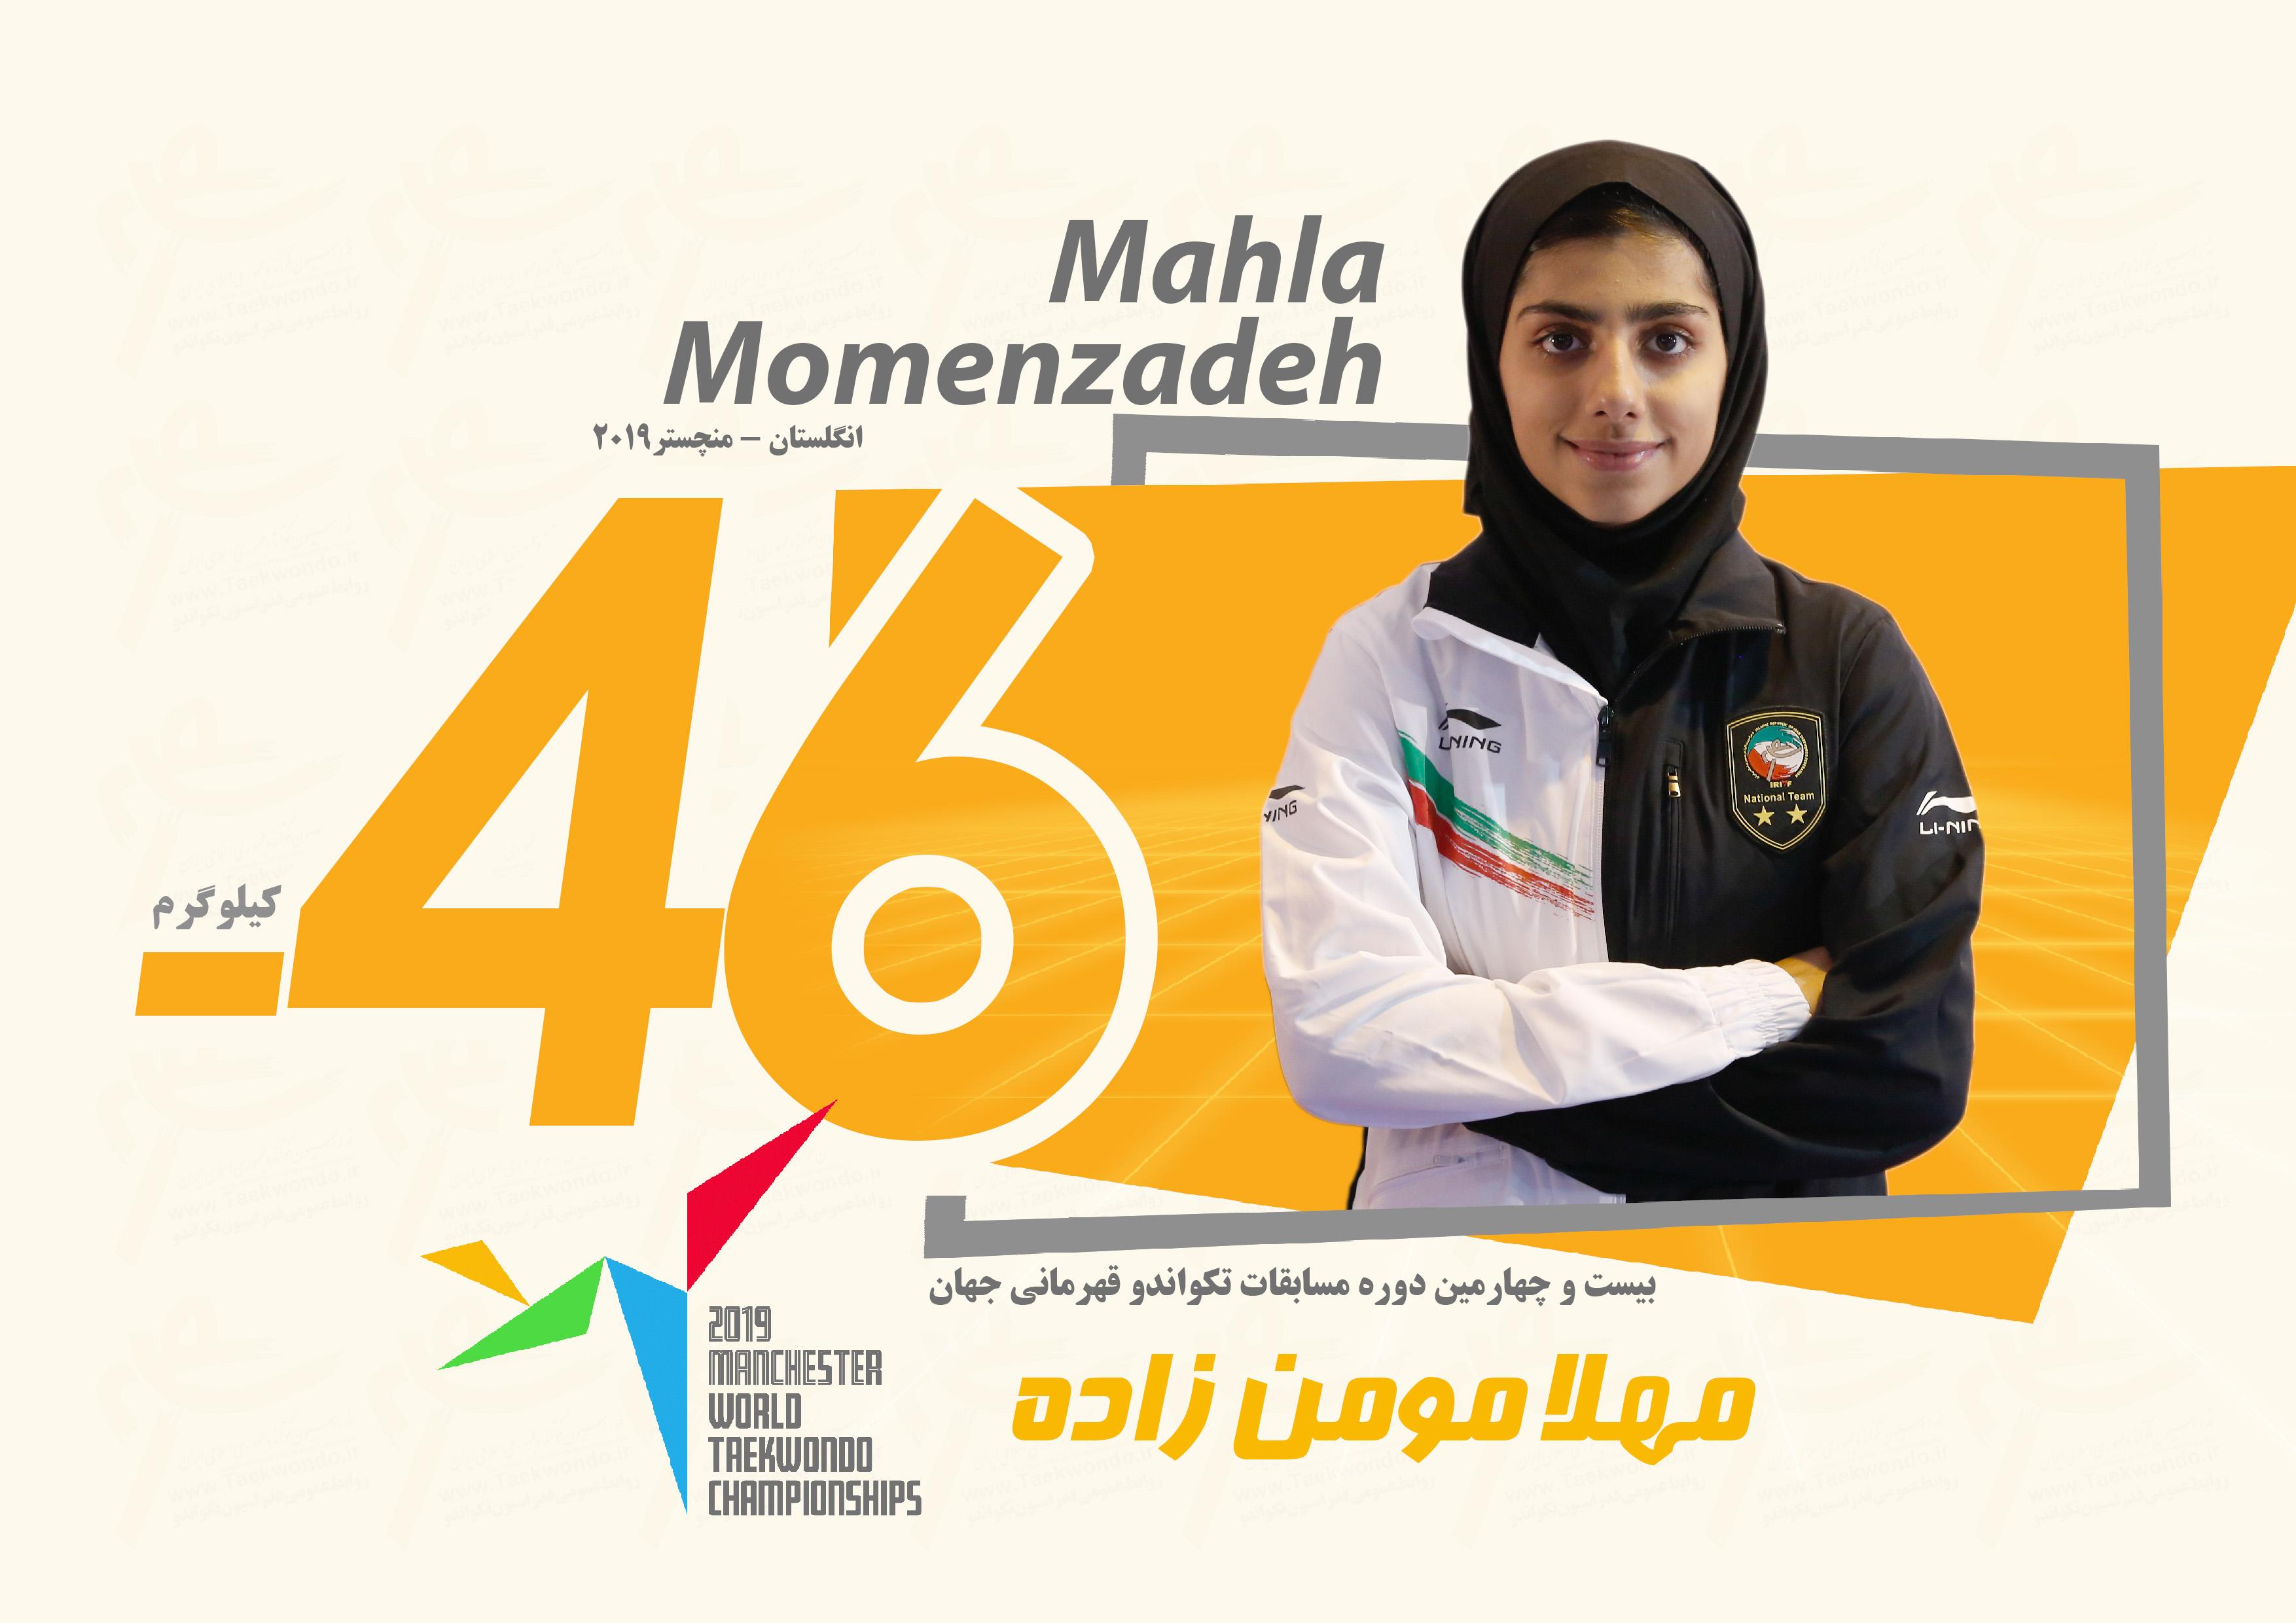 مهلا مومن زاده فینالیست مسابقات تکواندوی قهرمانی جهان در منچستر مهلا مومن زاده در فینال ؛ شاهکار دختر ۱۷ ساله تکواندوی ایران در مسابقات جهانی